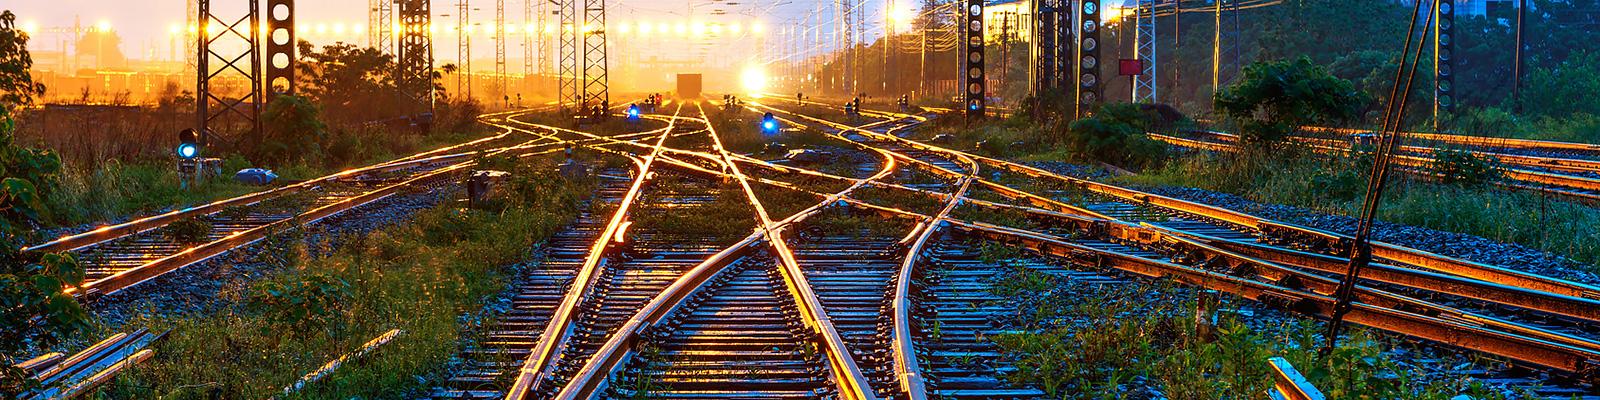 鉄道 ネットワーク イメージ